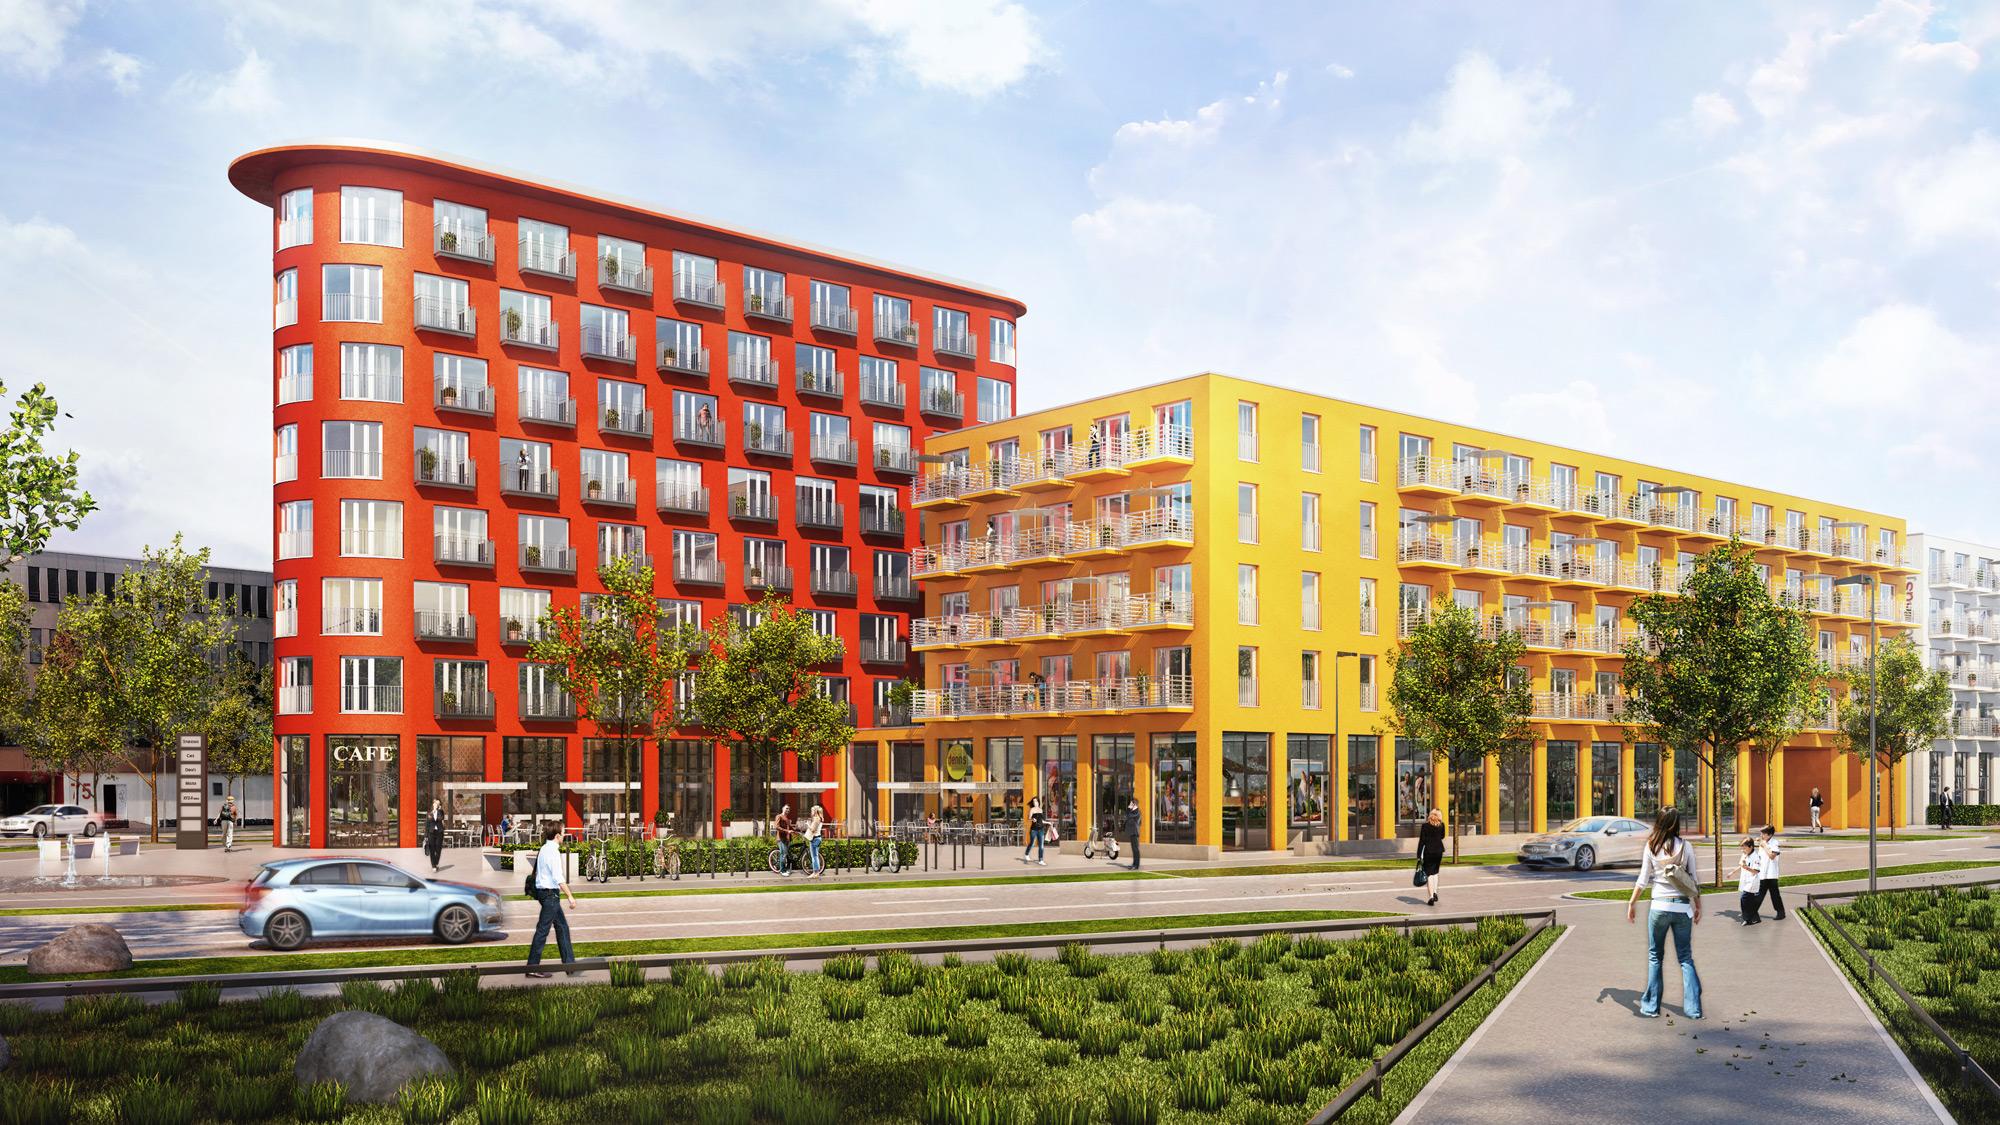 studiosus 5, Augsburg Textilviertel